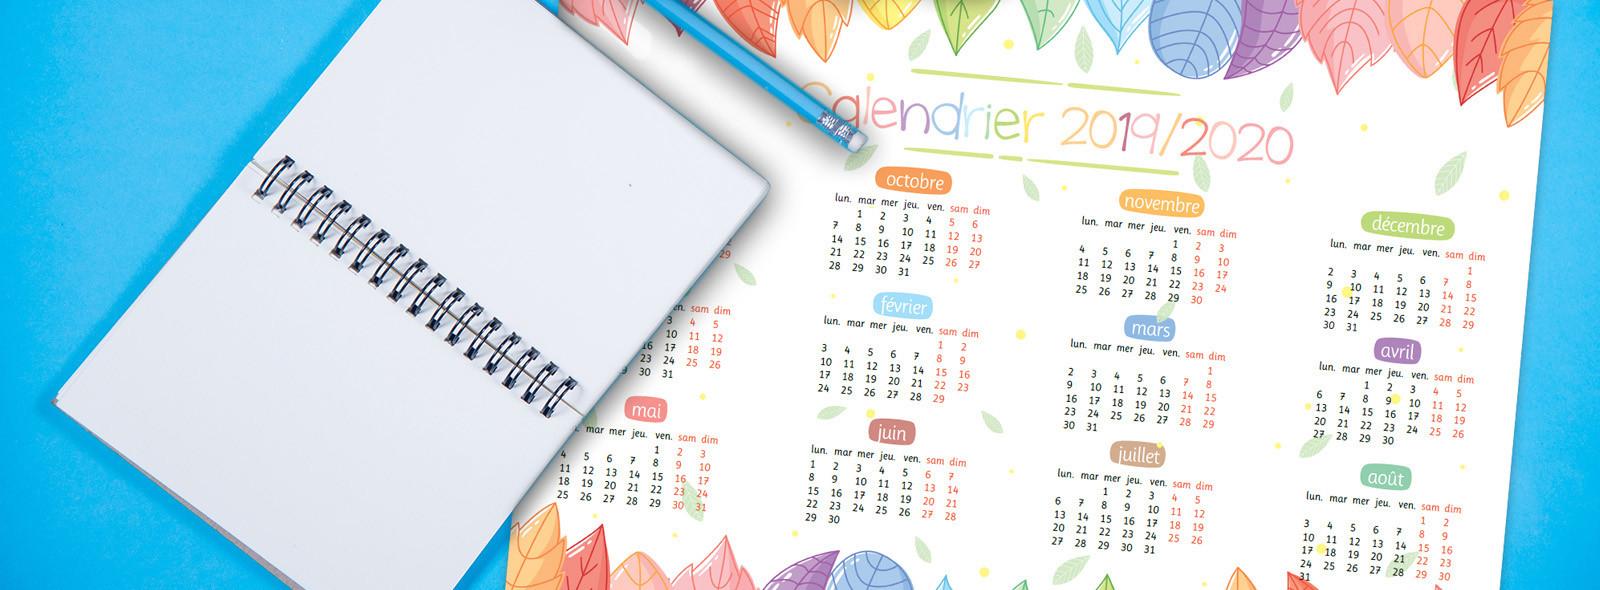 Calendrier Juillet 2020 A Imprimer Gratuit.Un Calendrier Annuel 2019 2020 La Taniere De Kyban